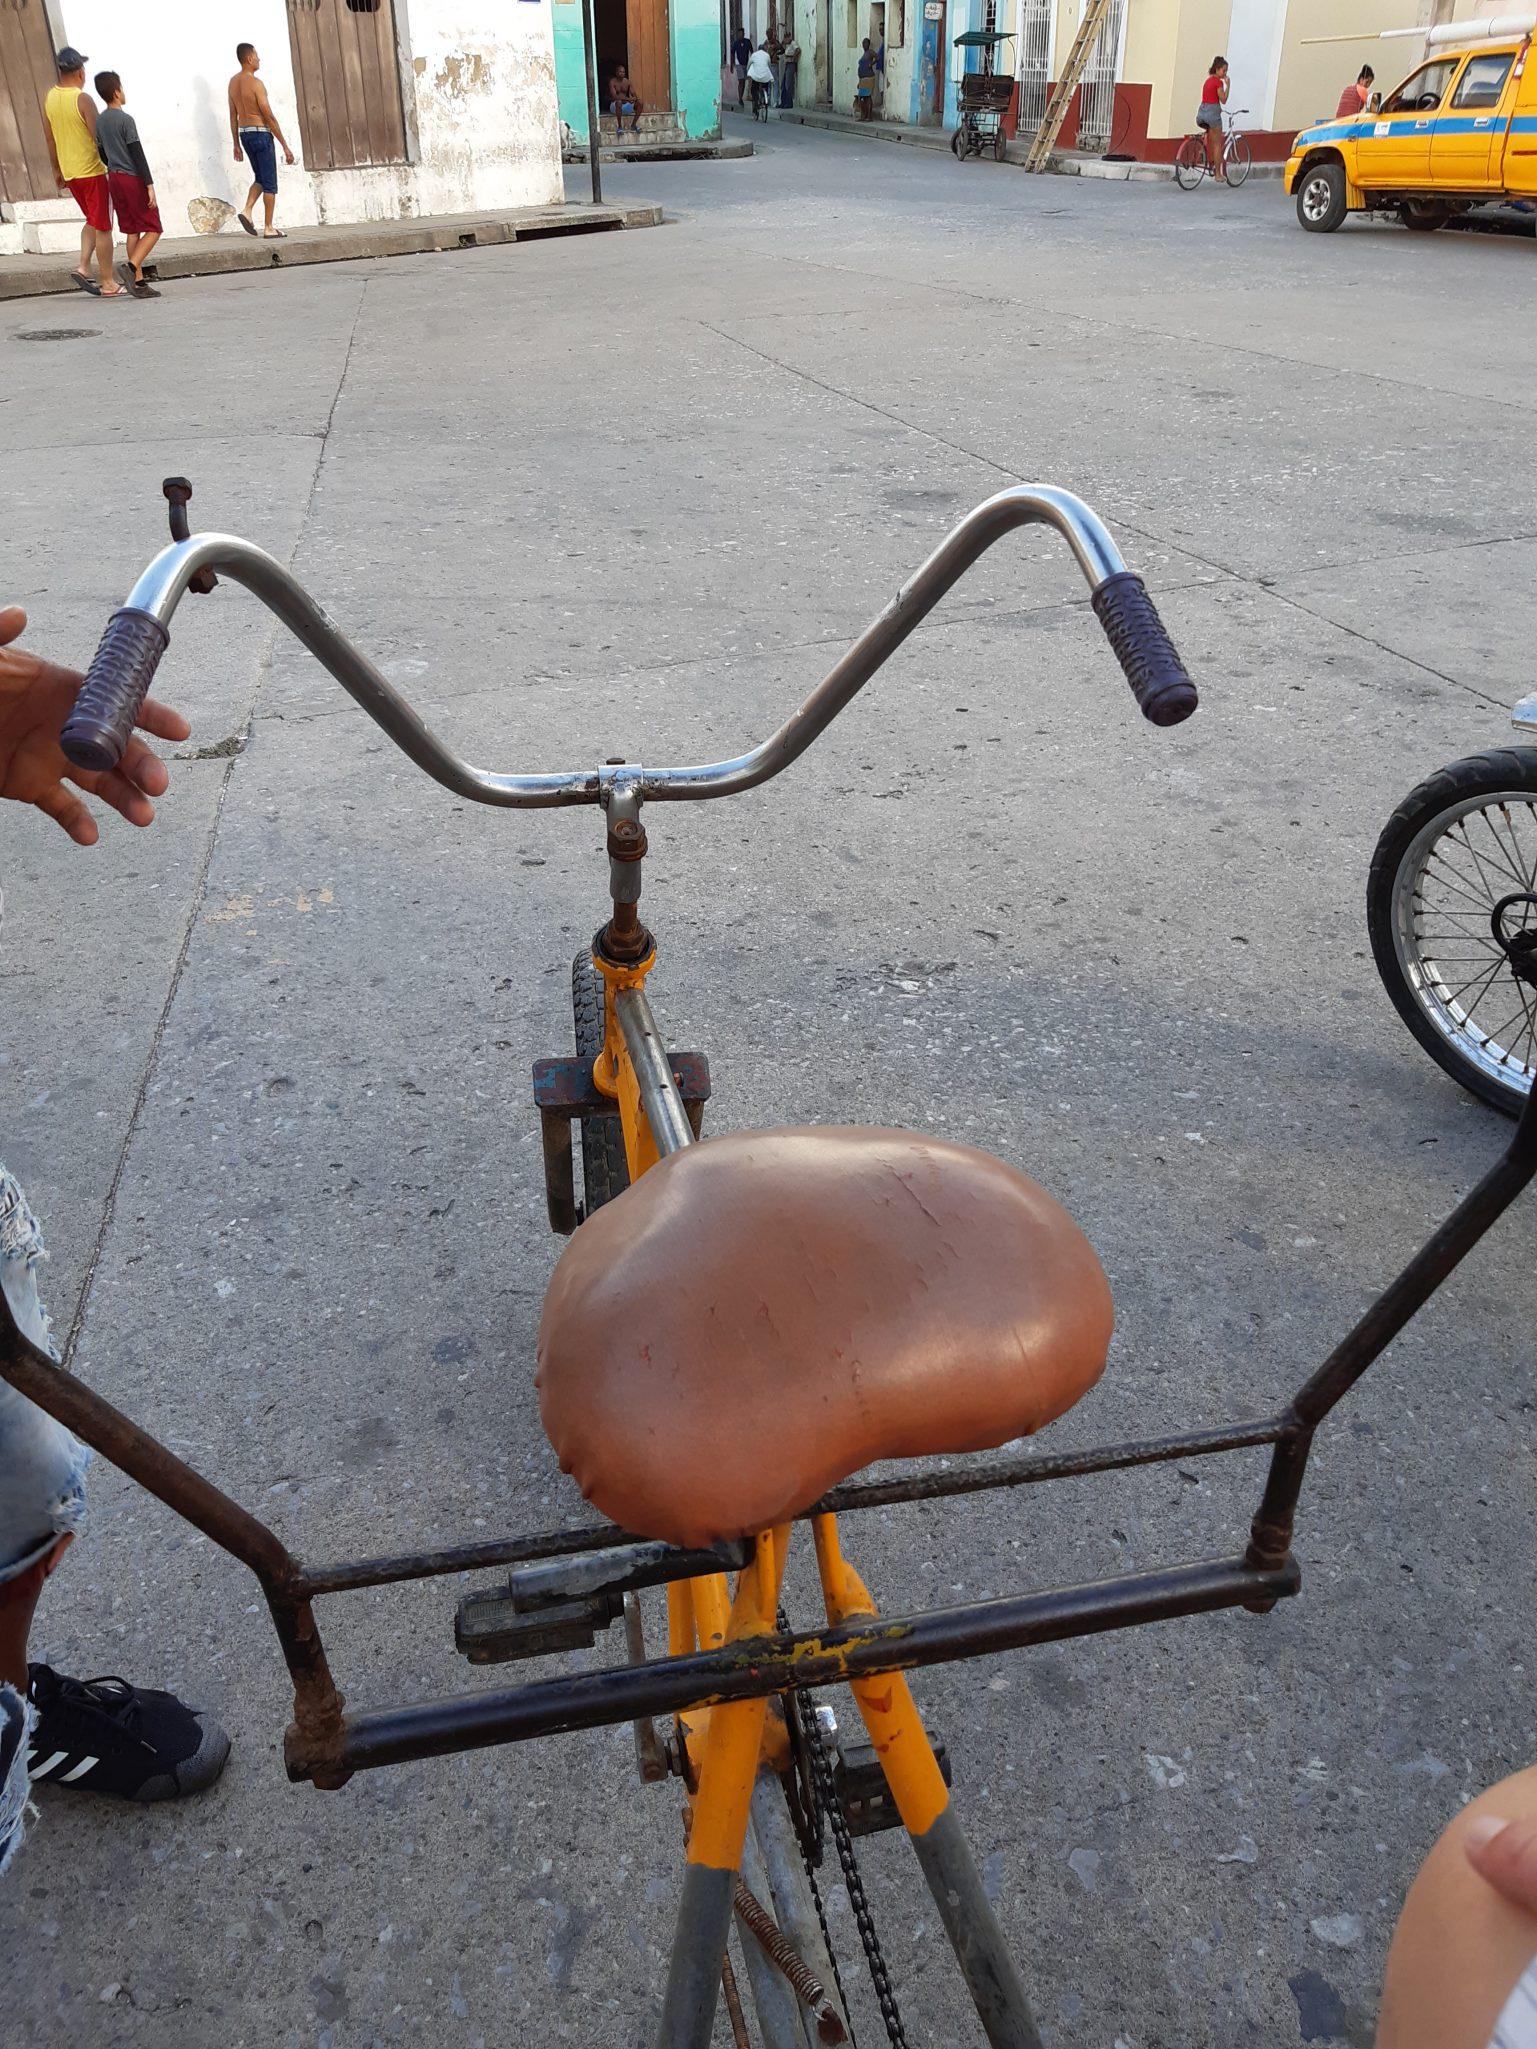 Fahhradtaxi auf Kuba